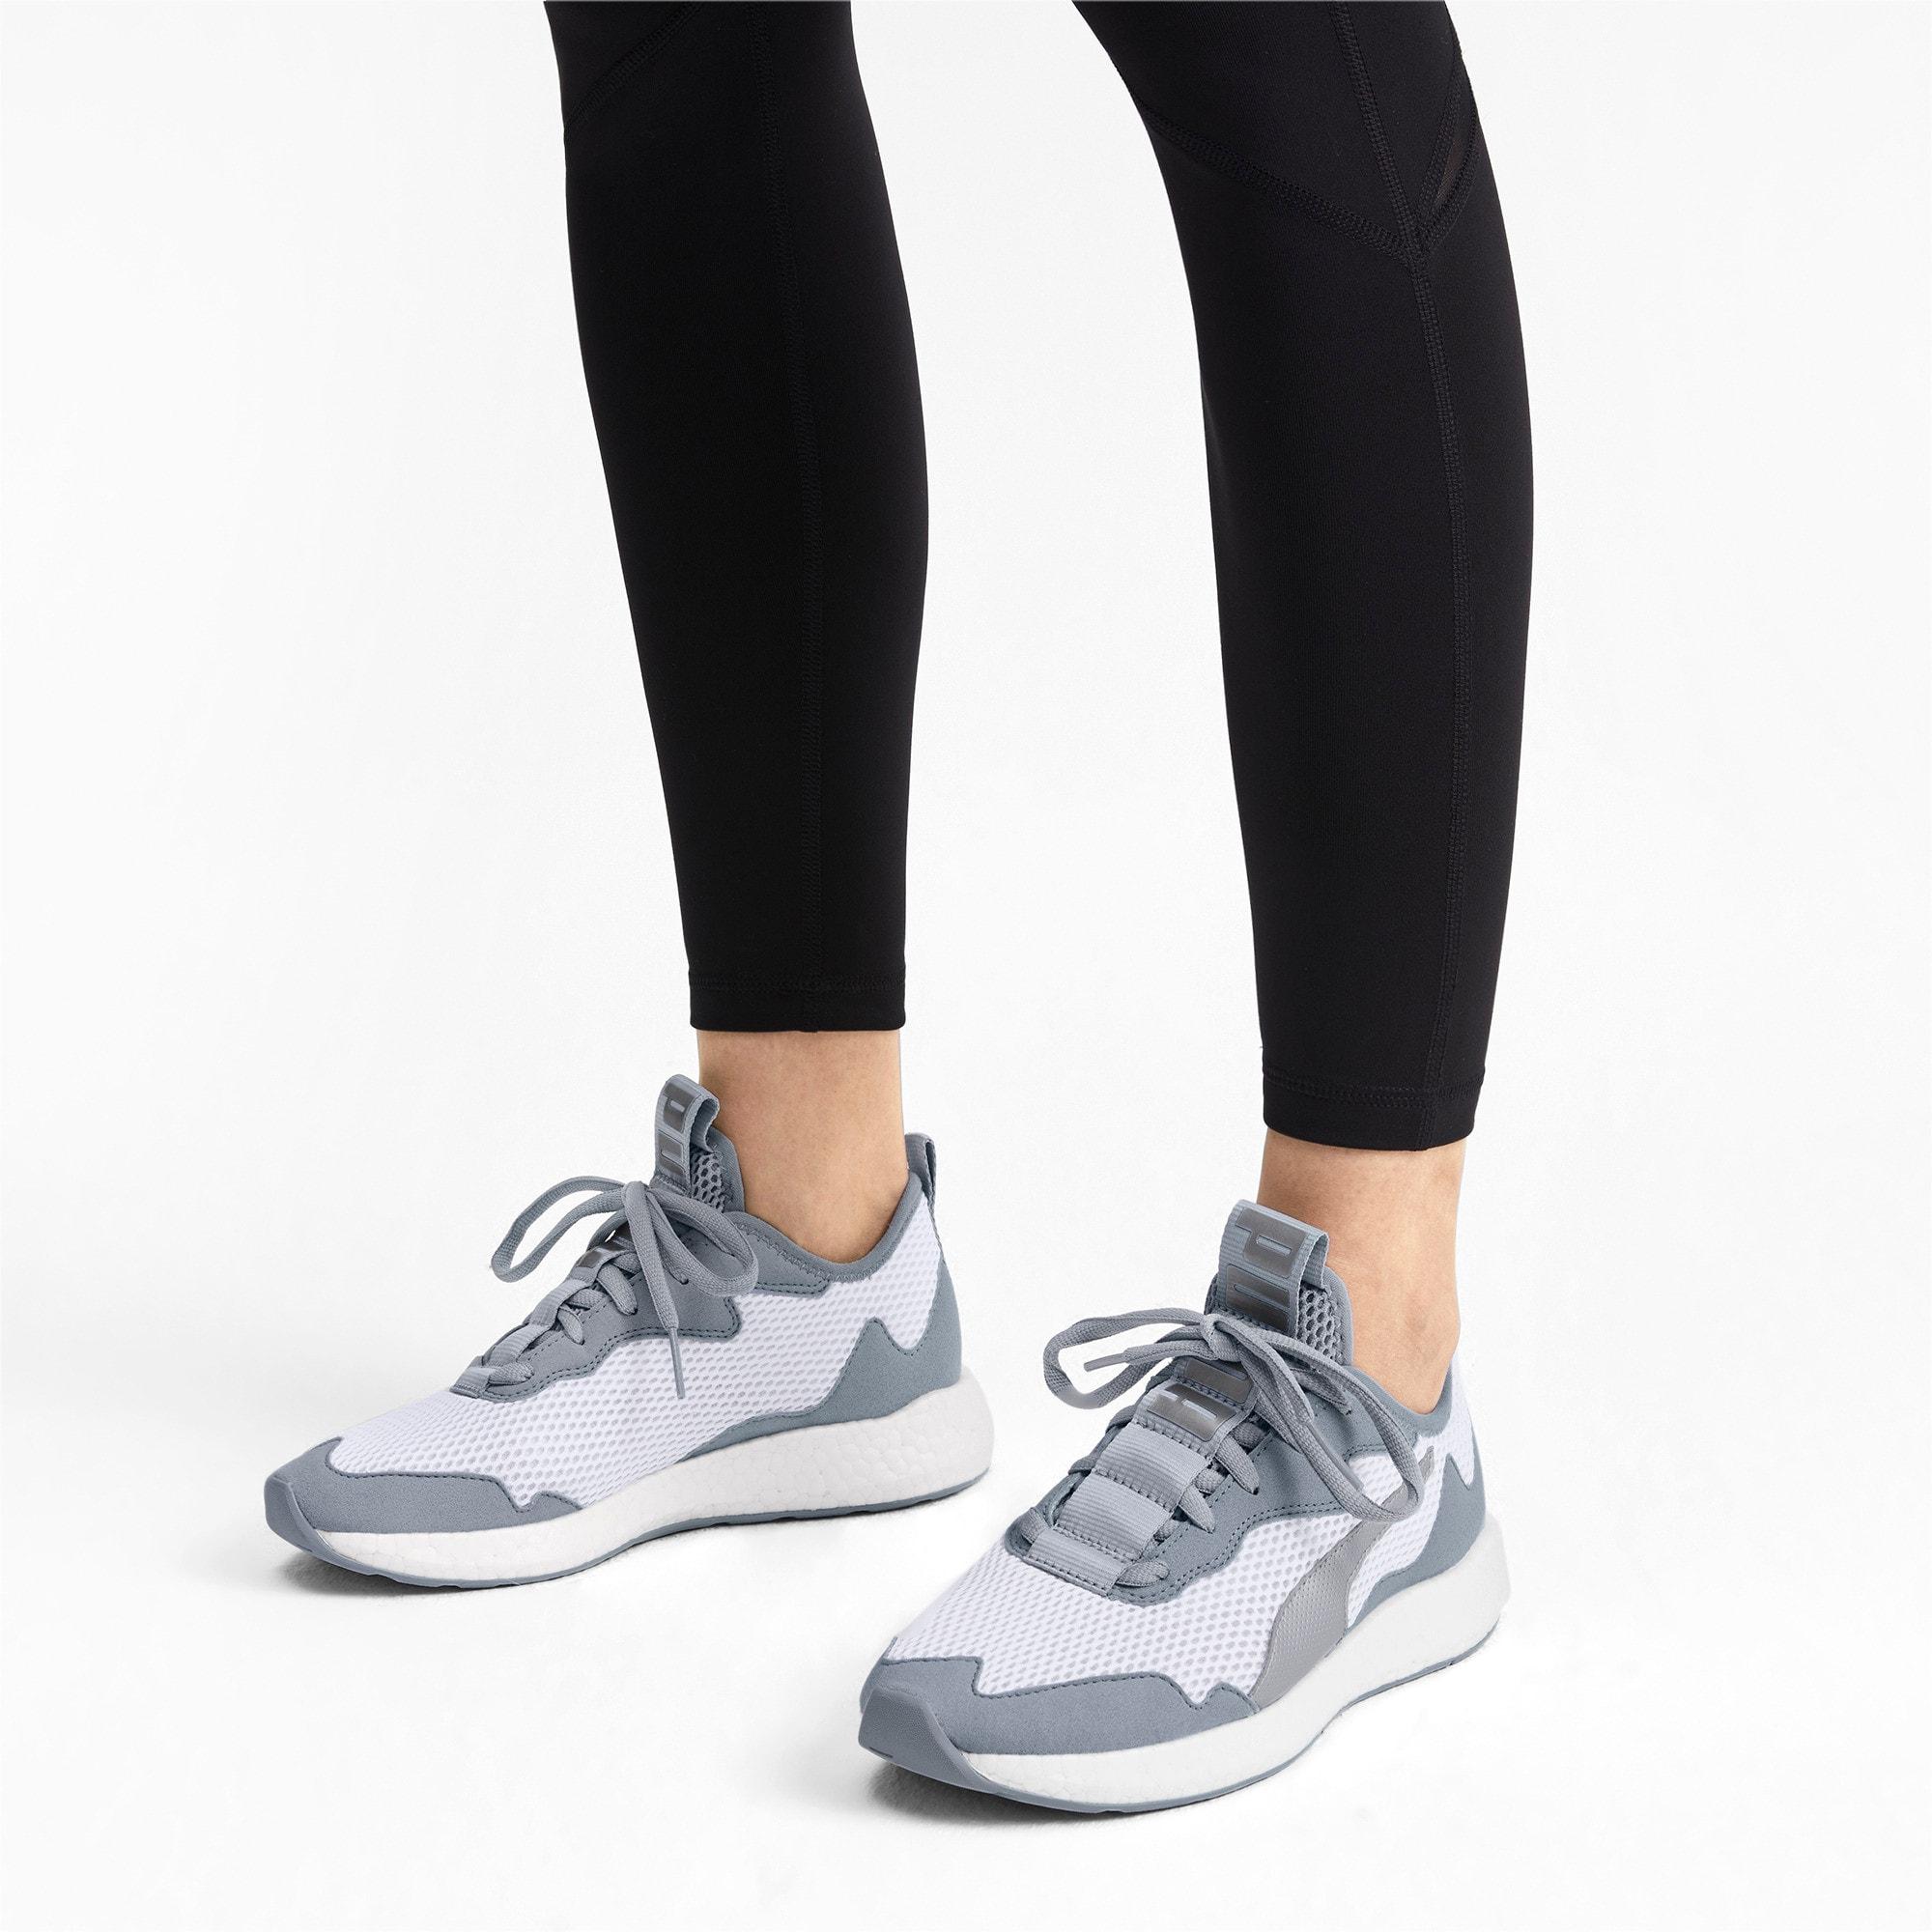 Miniatura 3 de Zapatos para correr NRGY Neko Skim para mujer, Puma White-Quarry, mediano